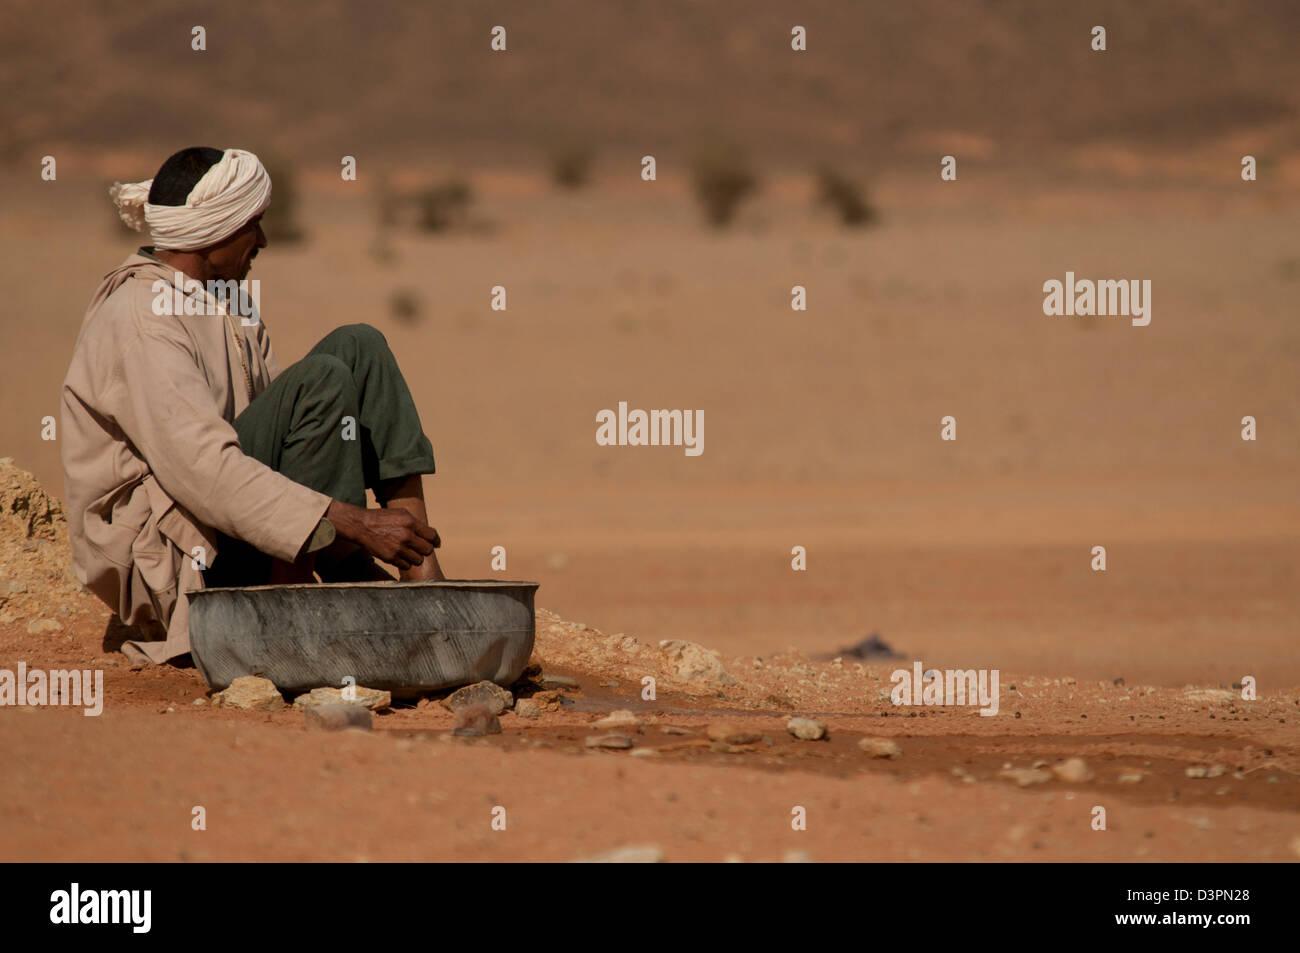 attesa, waiting, pausa, pause, silenzio, silence, rilassamento, relax,deserto, desert, contemplazione, contemplation - Stock Image